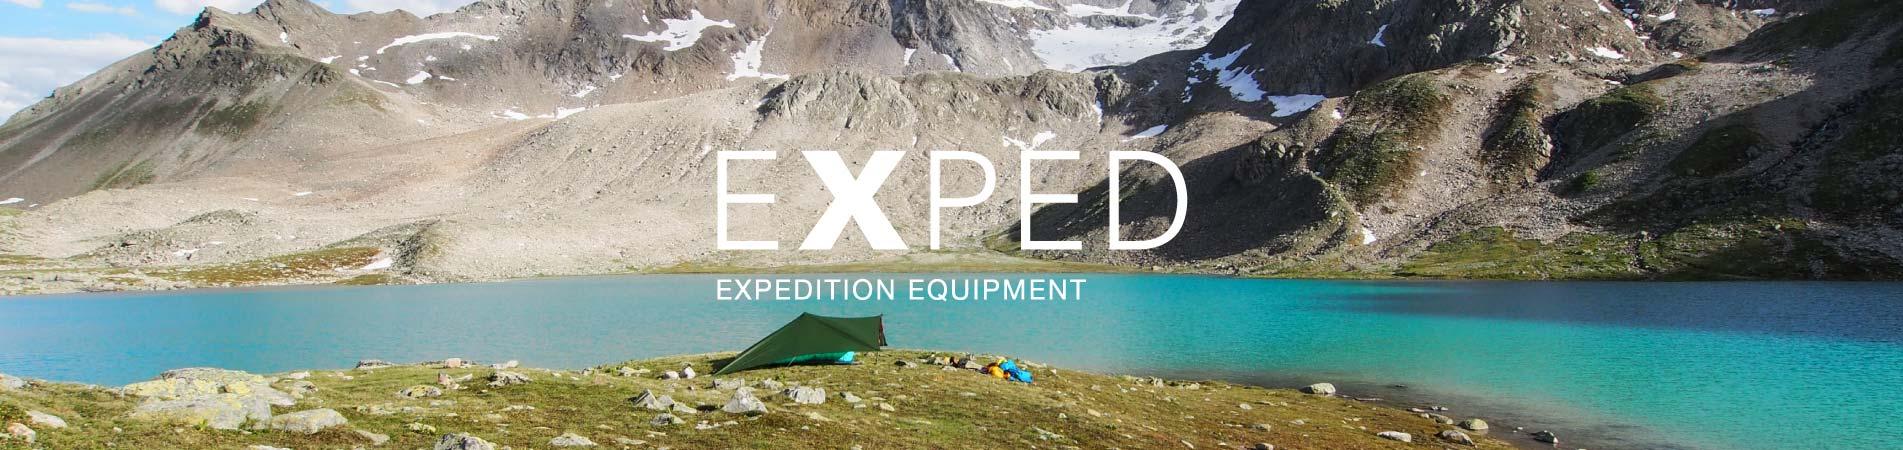 exped-brand-banner-v1r3.jpg